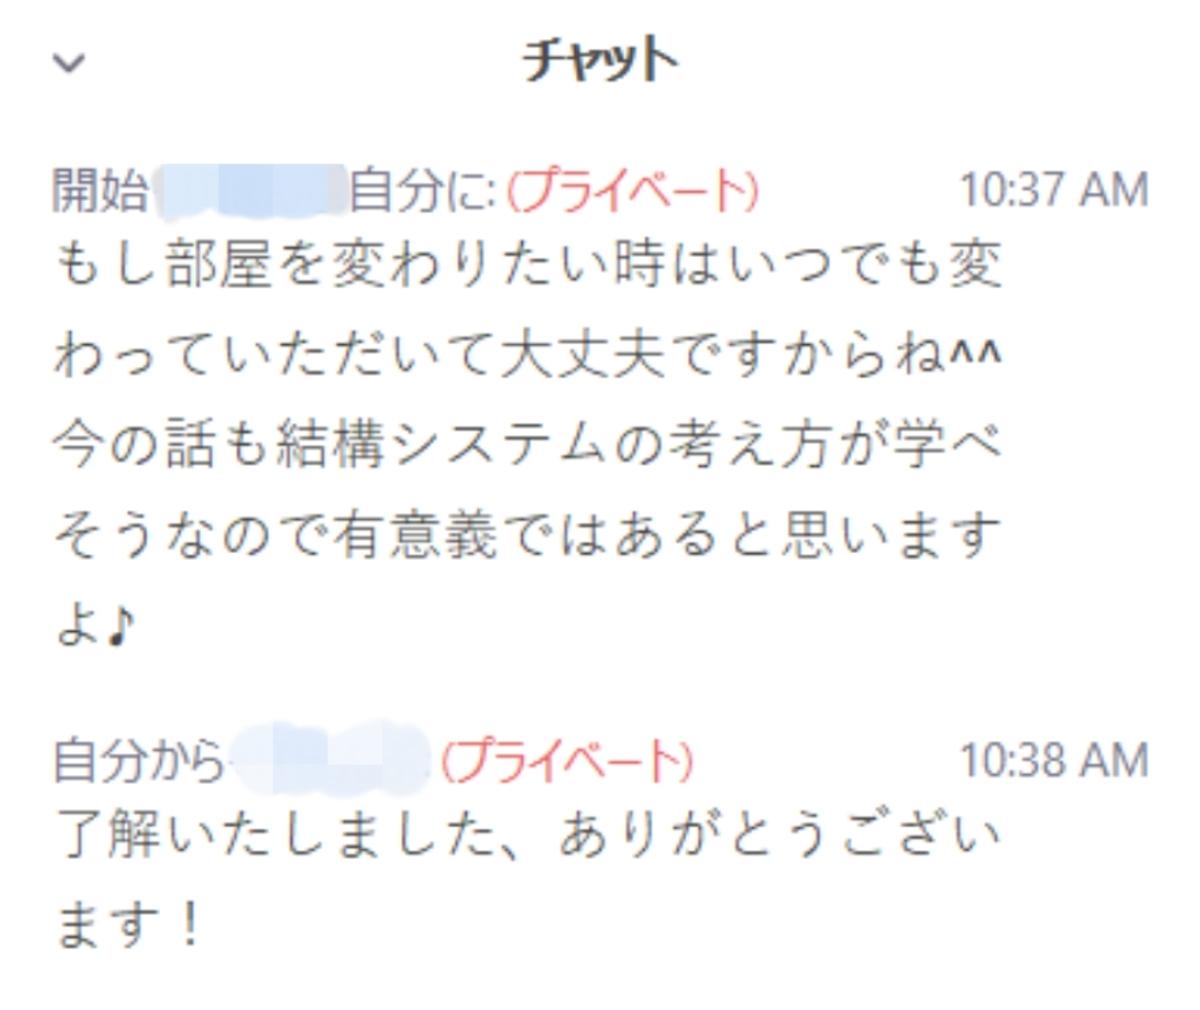 f:id:kamigami000bond:20210113211954j:plain